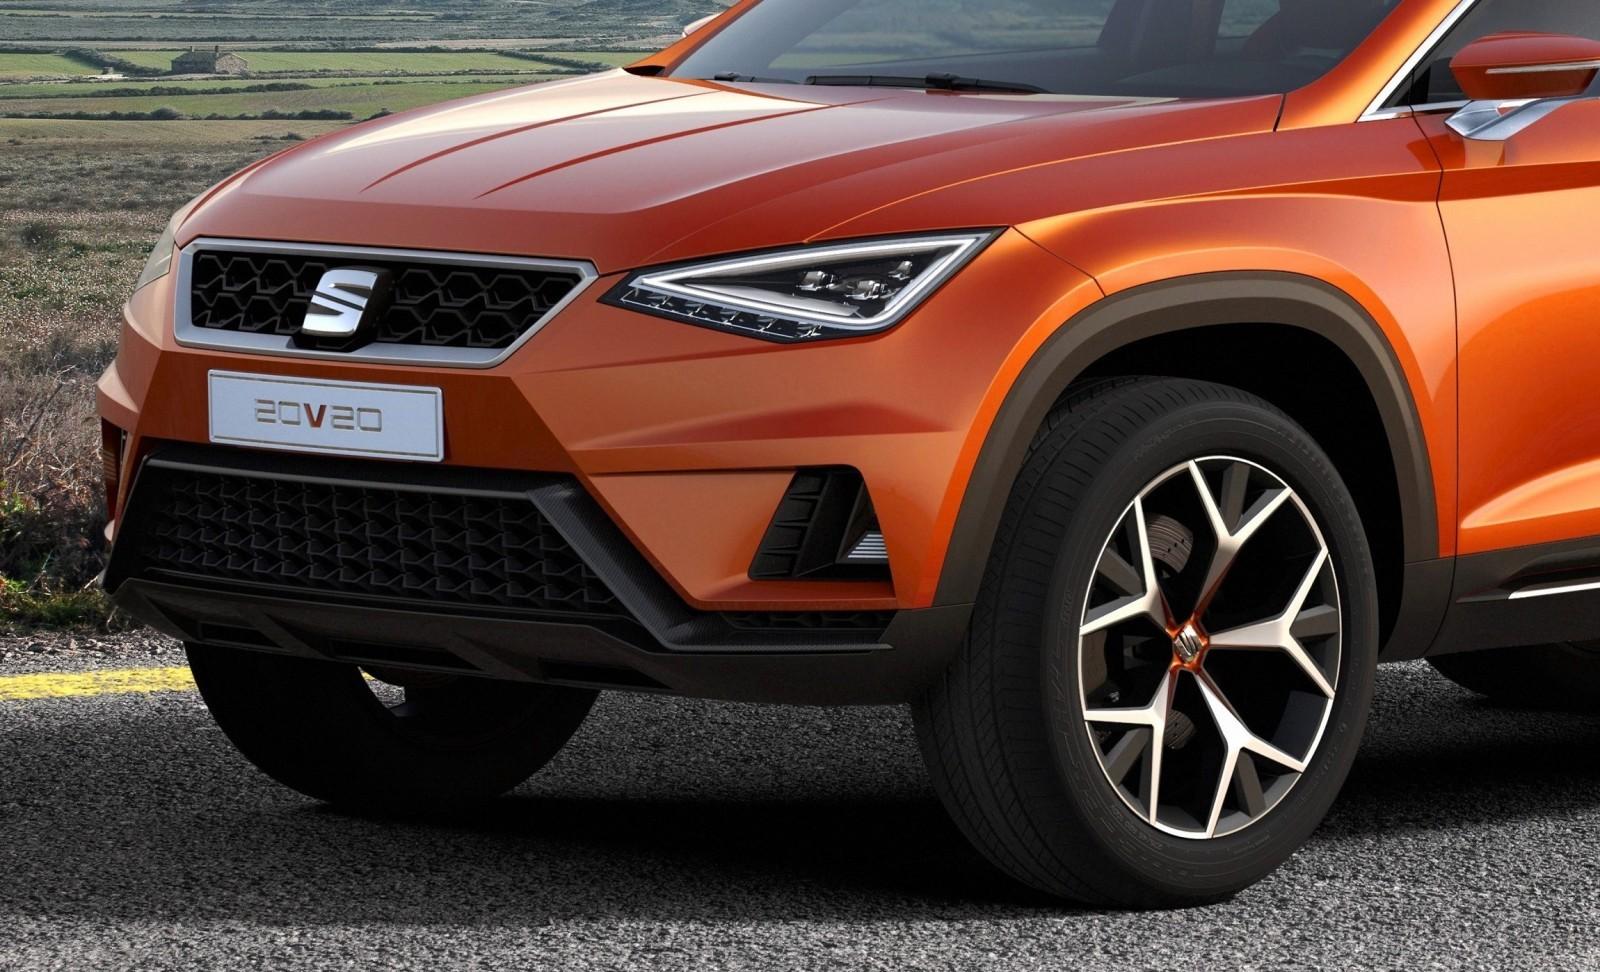 2015 Seat 20v20 Concept (50 Images)  New Hd Car Wallpaper